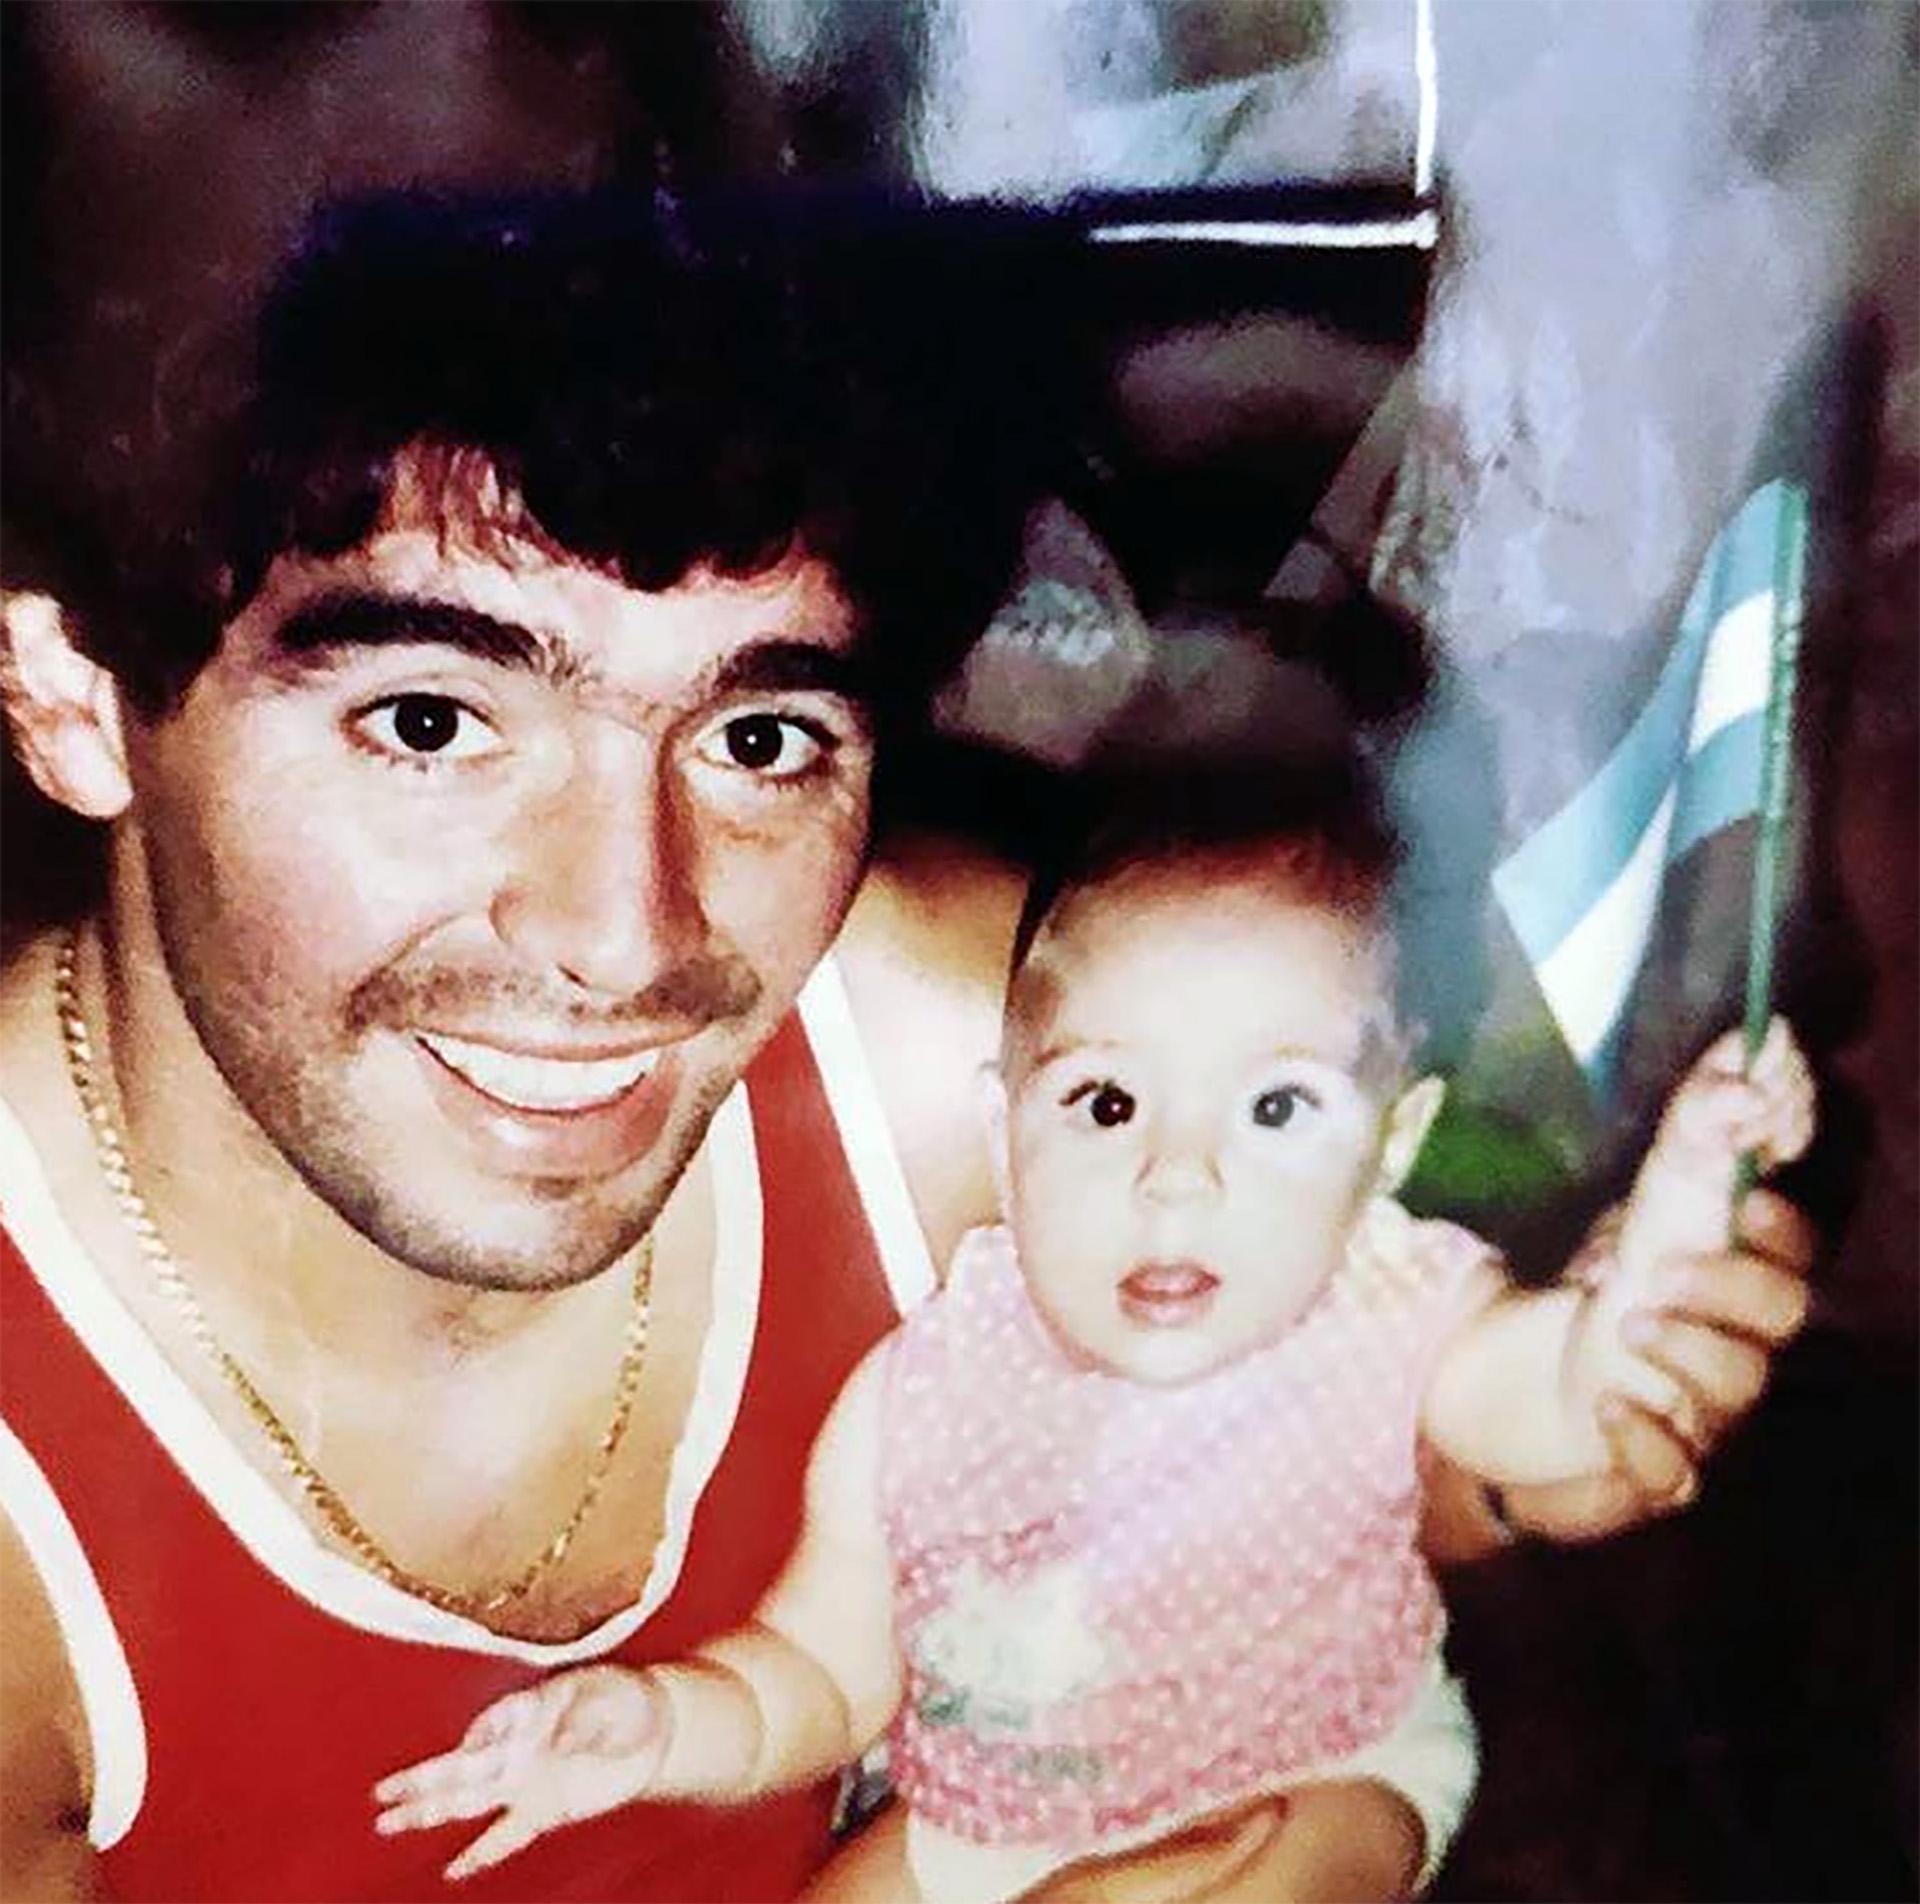 Dalma en los brazos de su papá